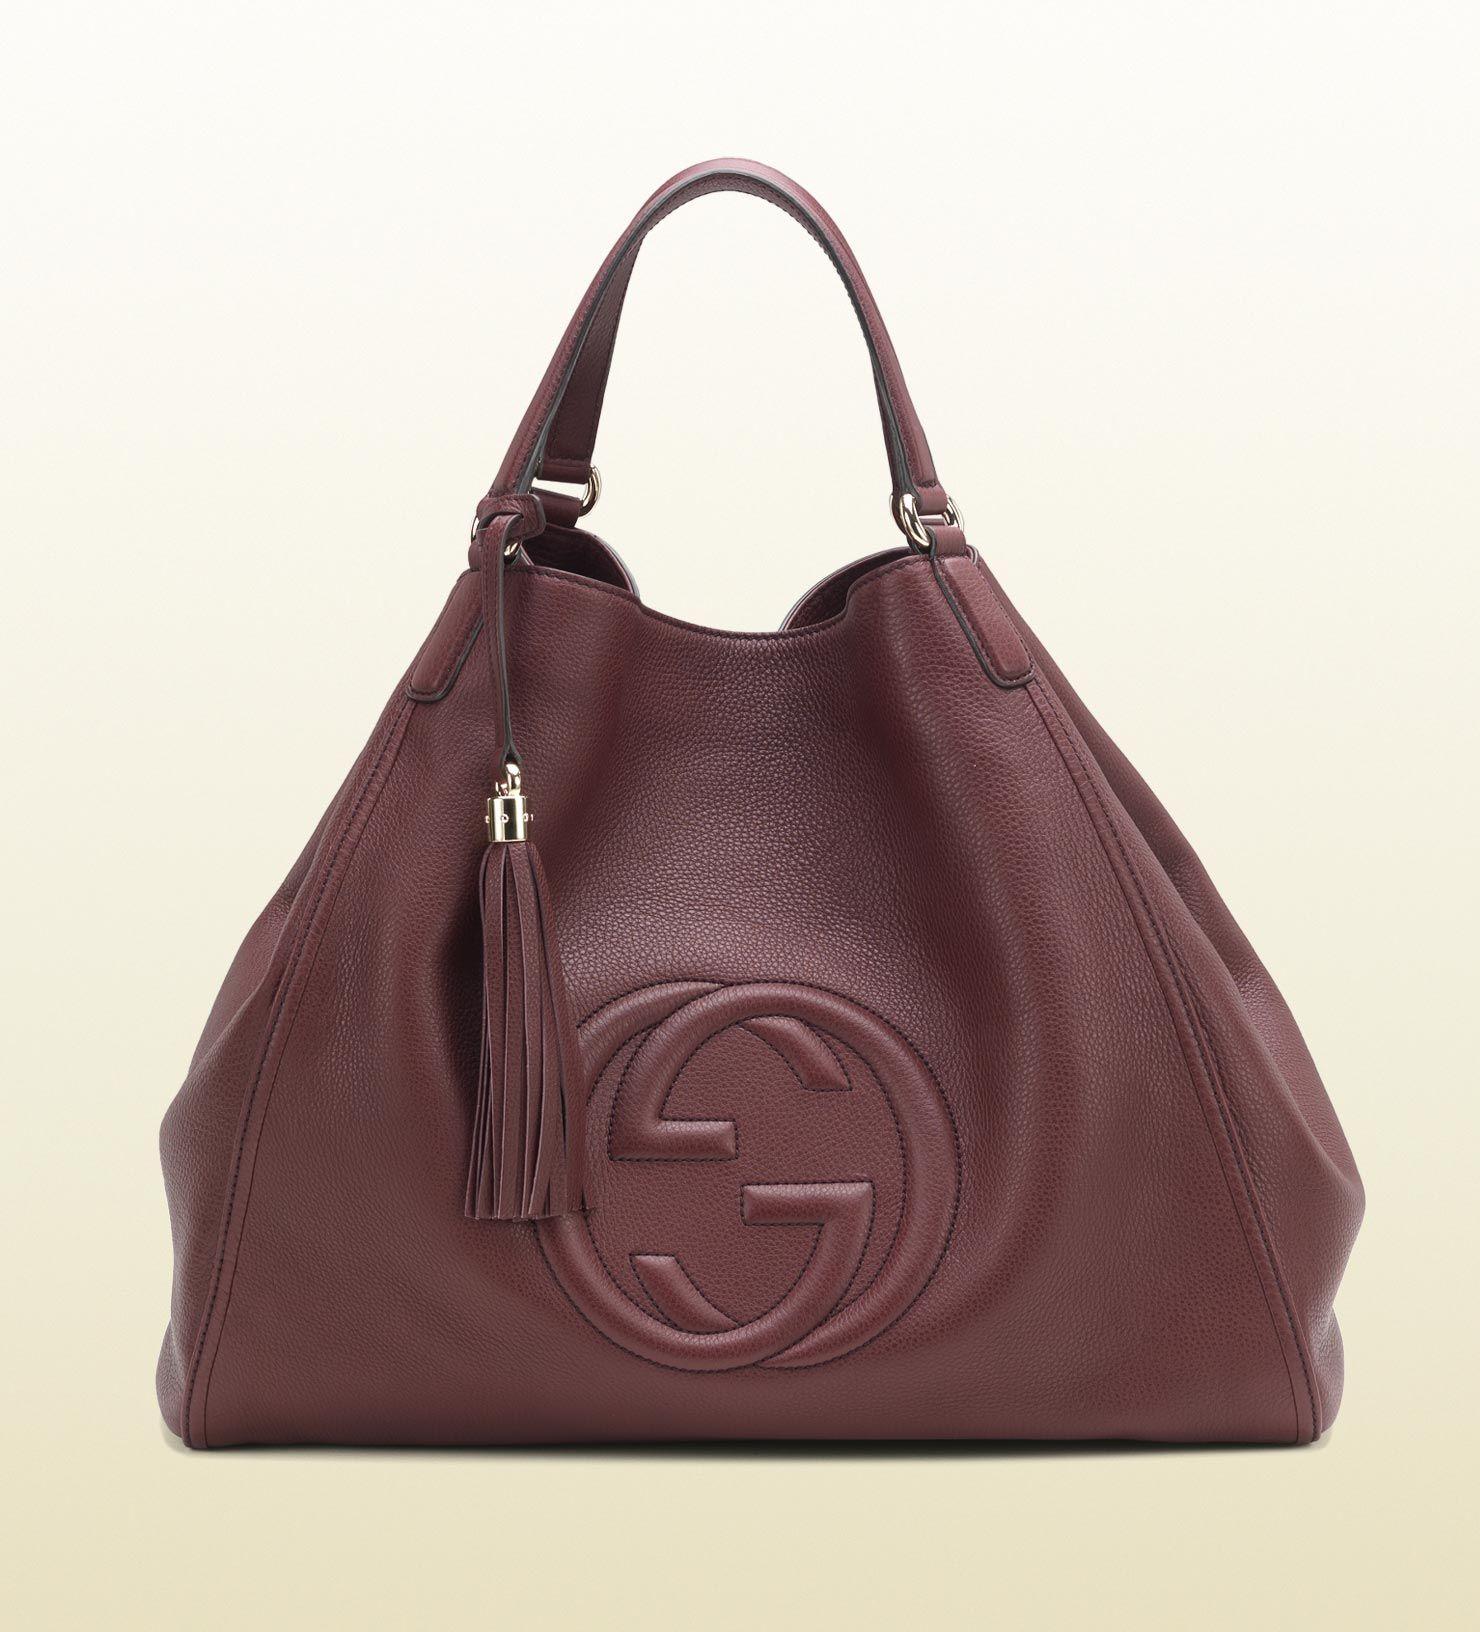 e9486c5ff2a Gucci Soho bordeaux leather shoulder bag!!!